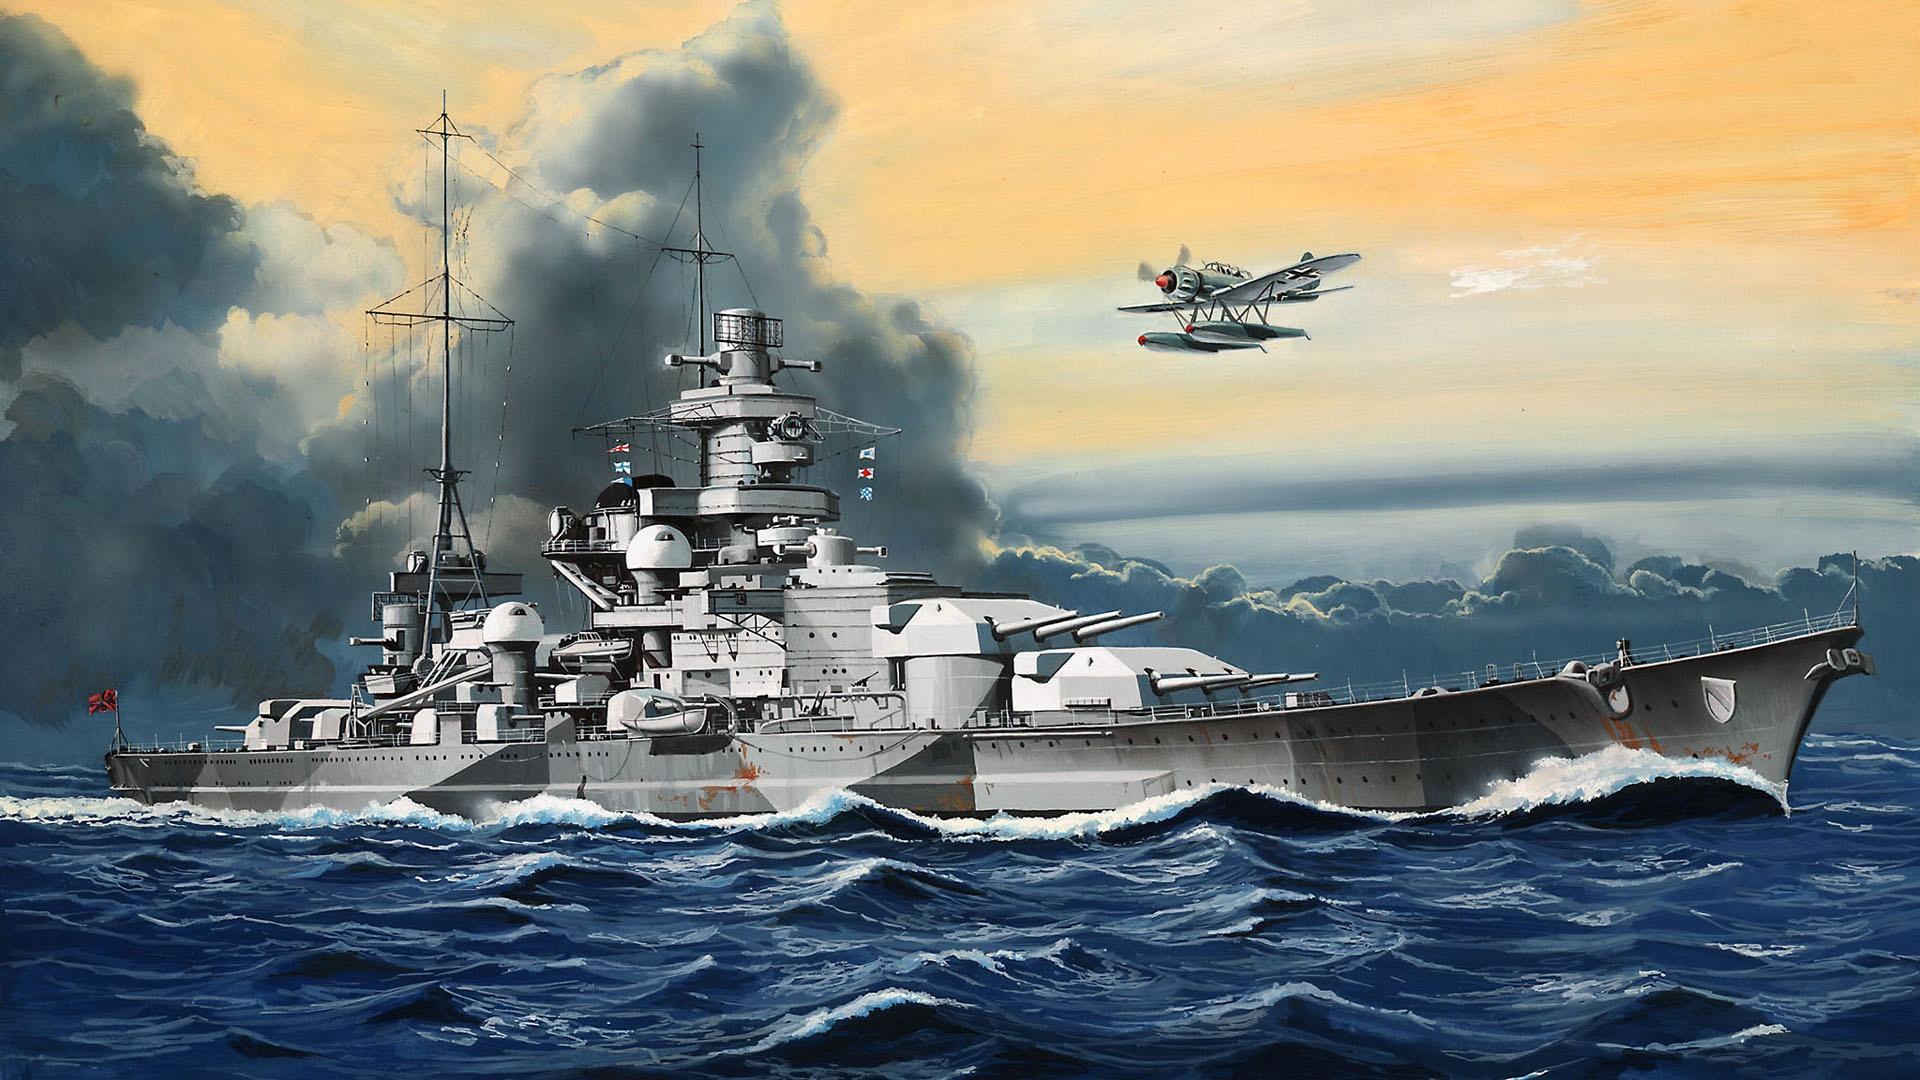 картинки немецкий корабль наш